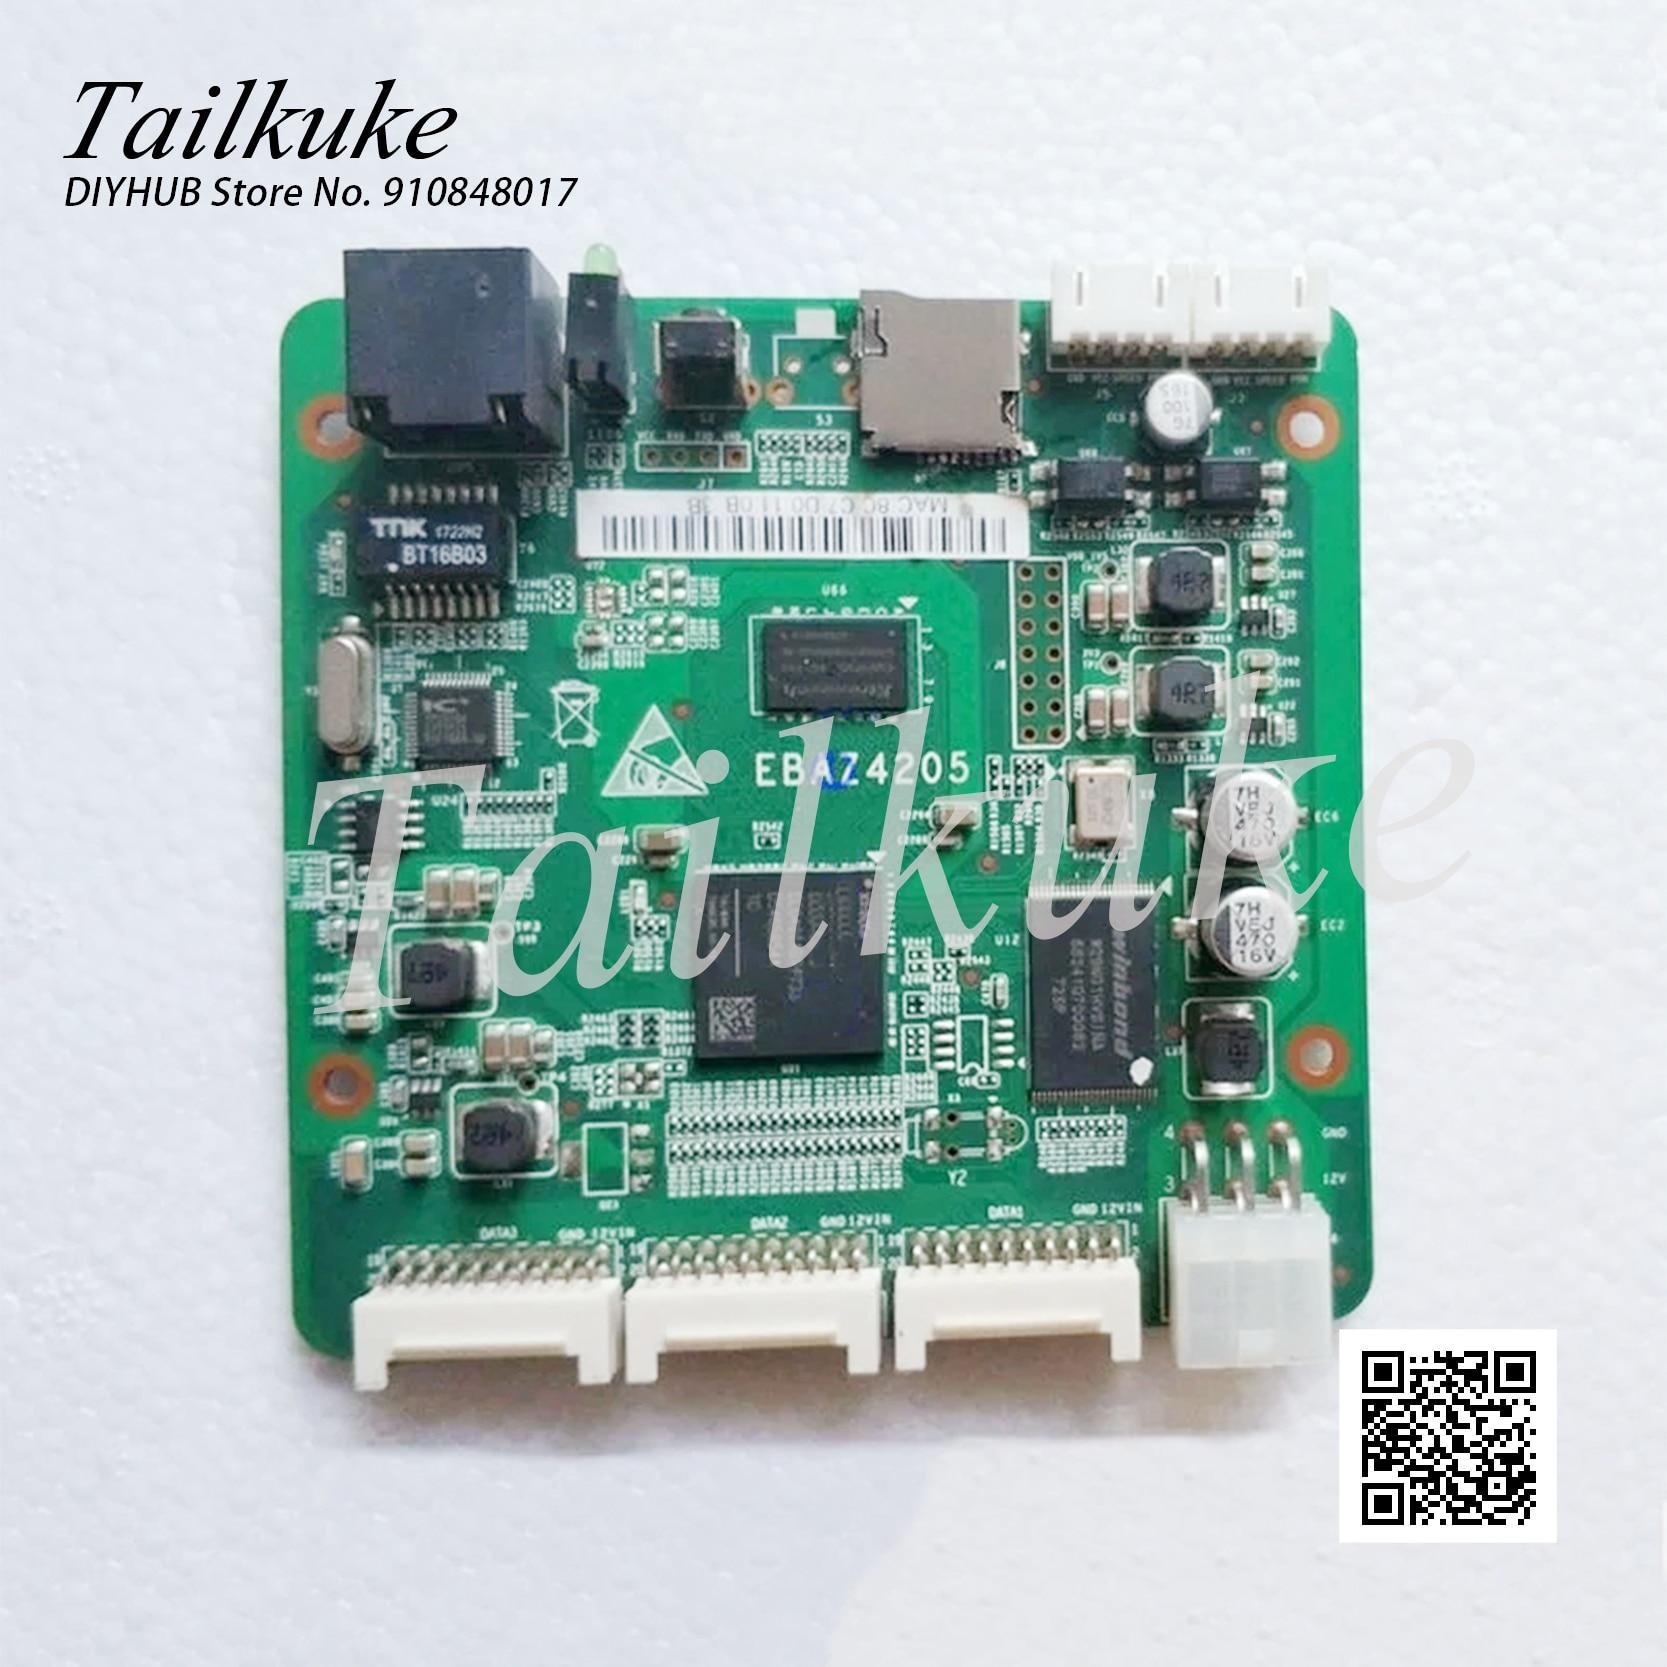 ZYNQ 7000 XILINX مجلس التنمية